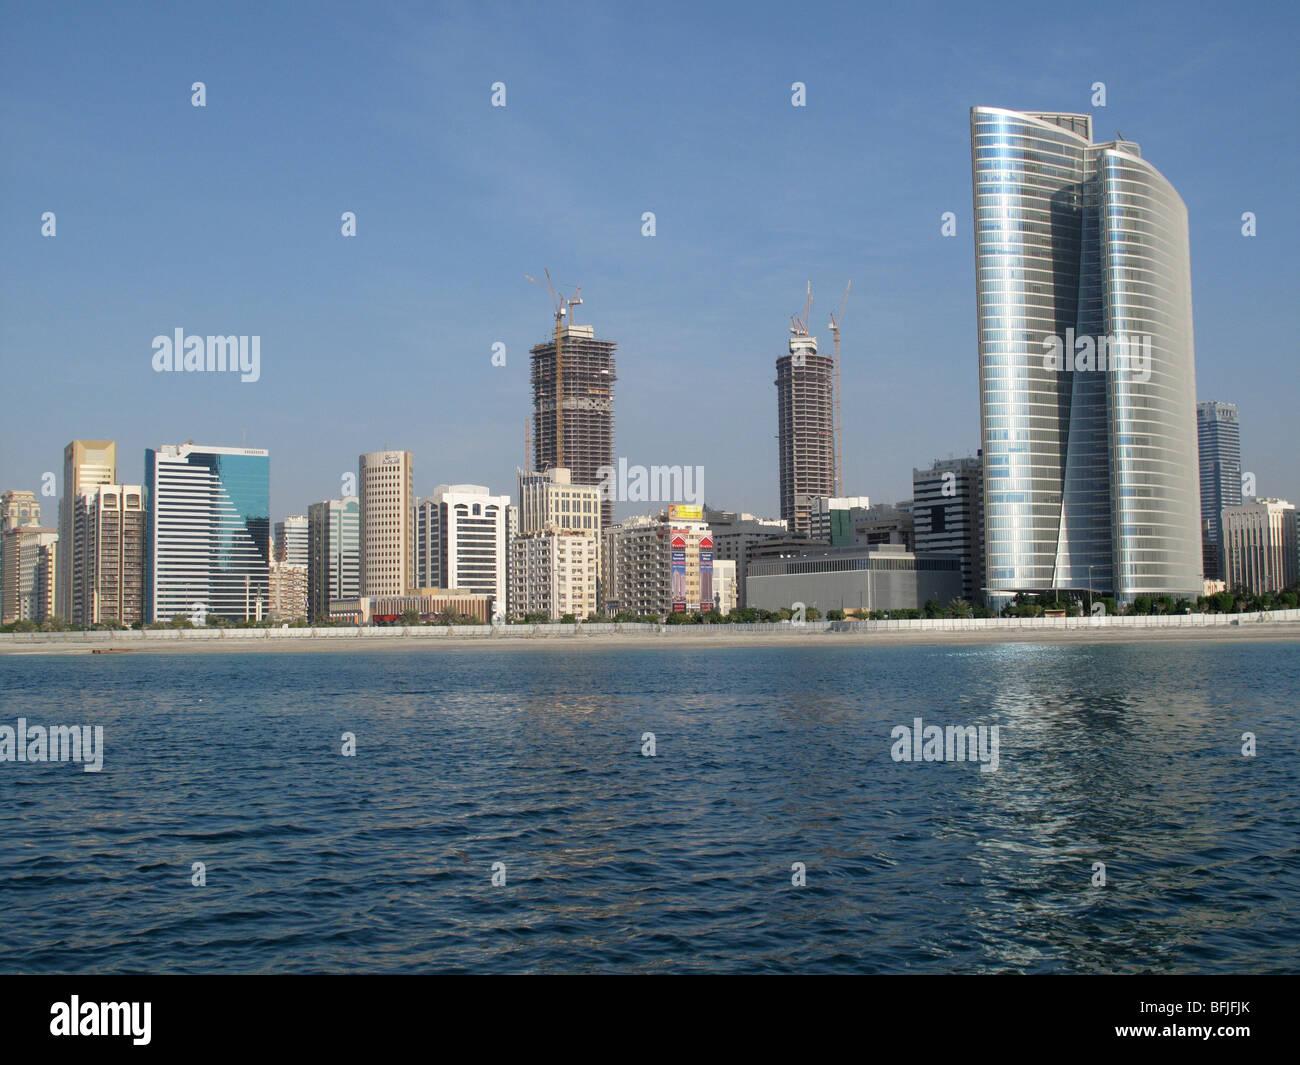 De grands bâtiments modernes en bord de mer sur la Corniche, Abu Dhabi, UAE Photo Stock